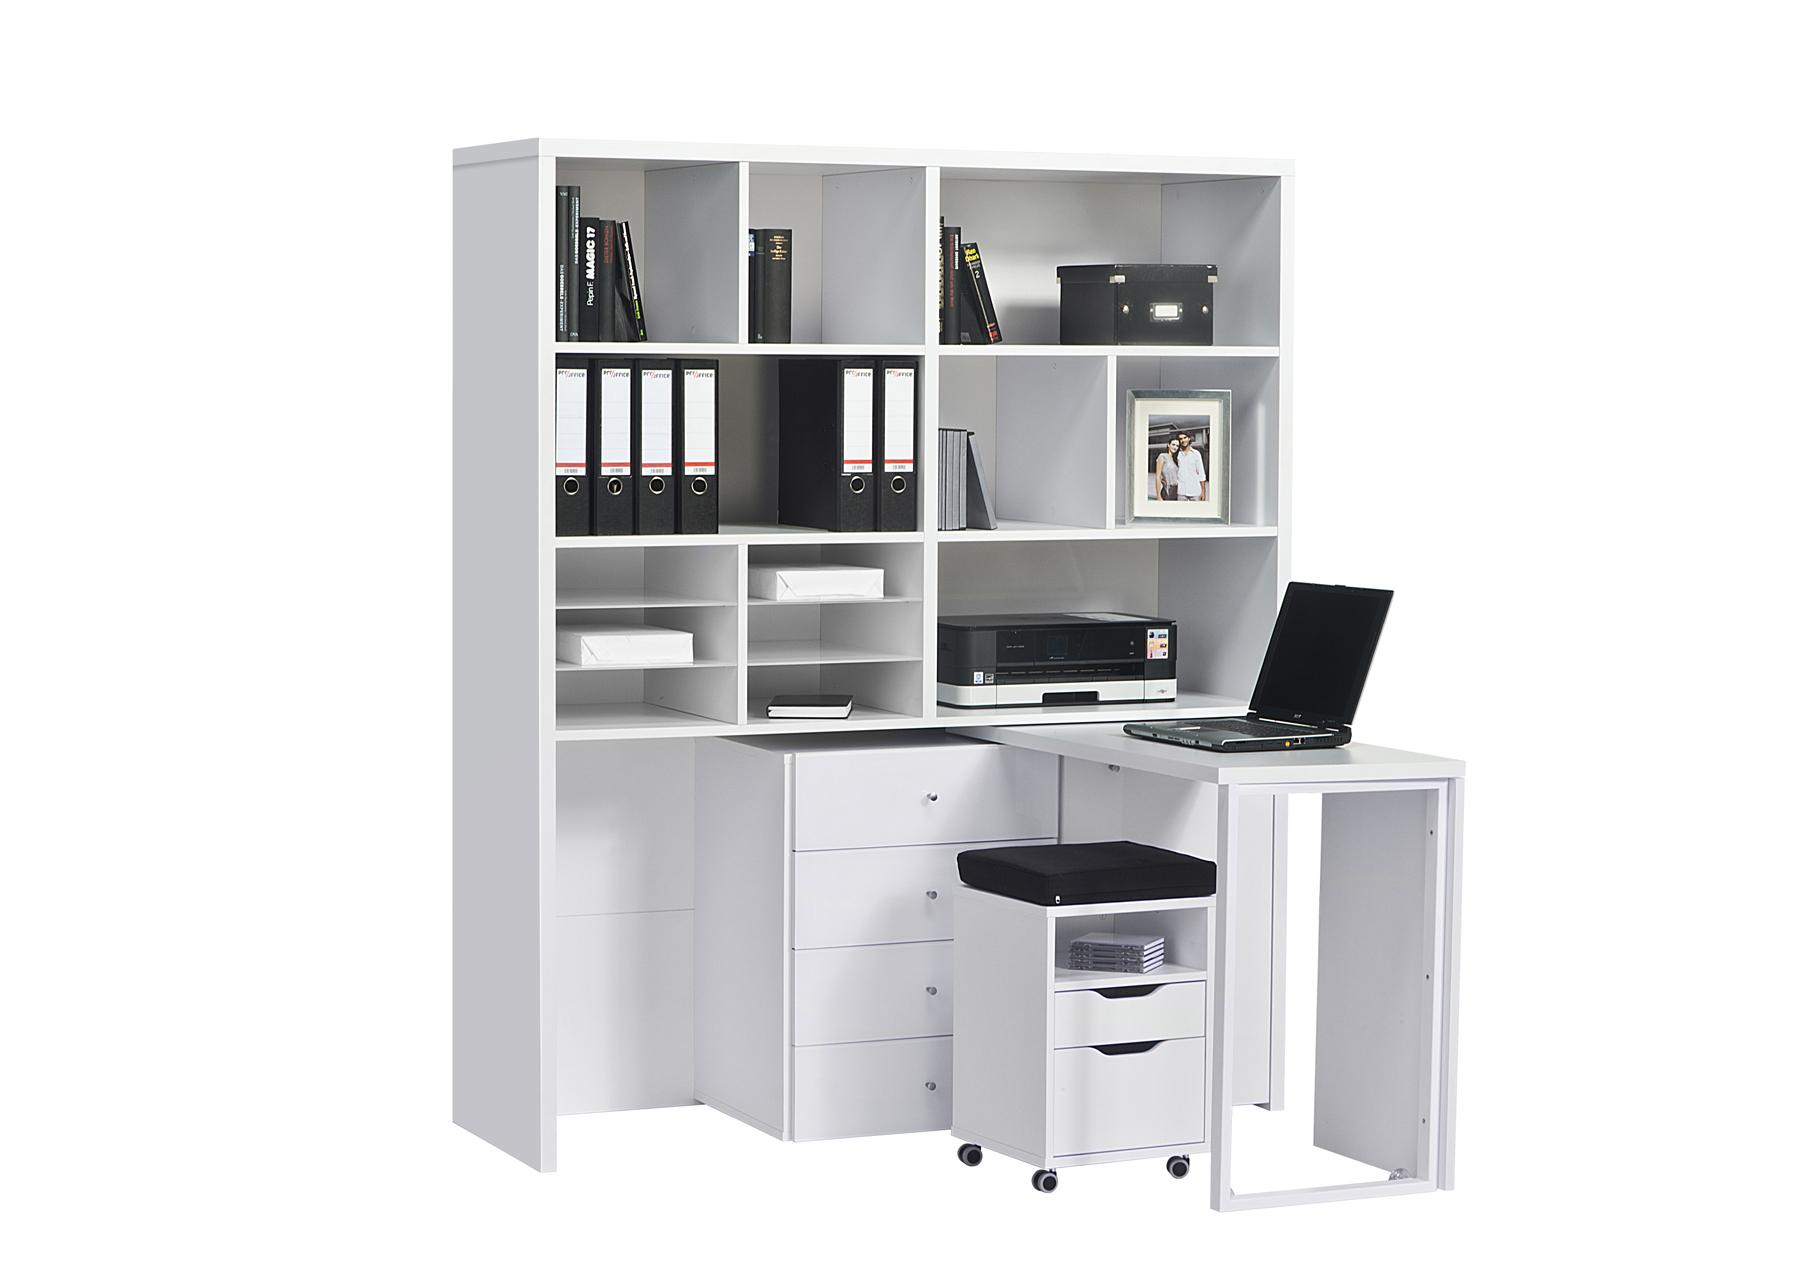 minioffice schreibtisch regal hocker kombination mod mj131. Black Bedroom Furniture Sets. Home Design Ideas